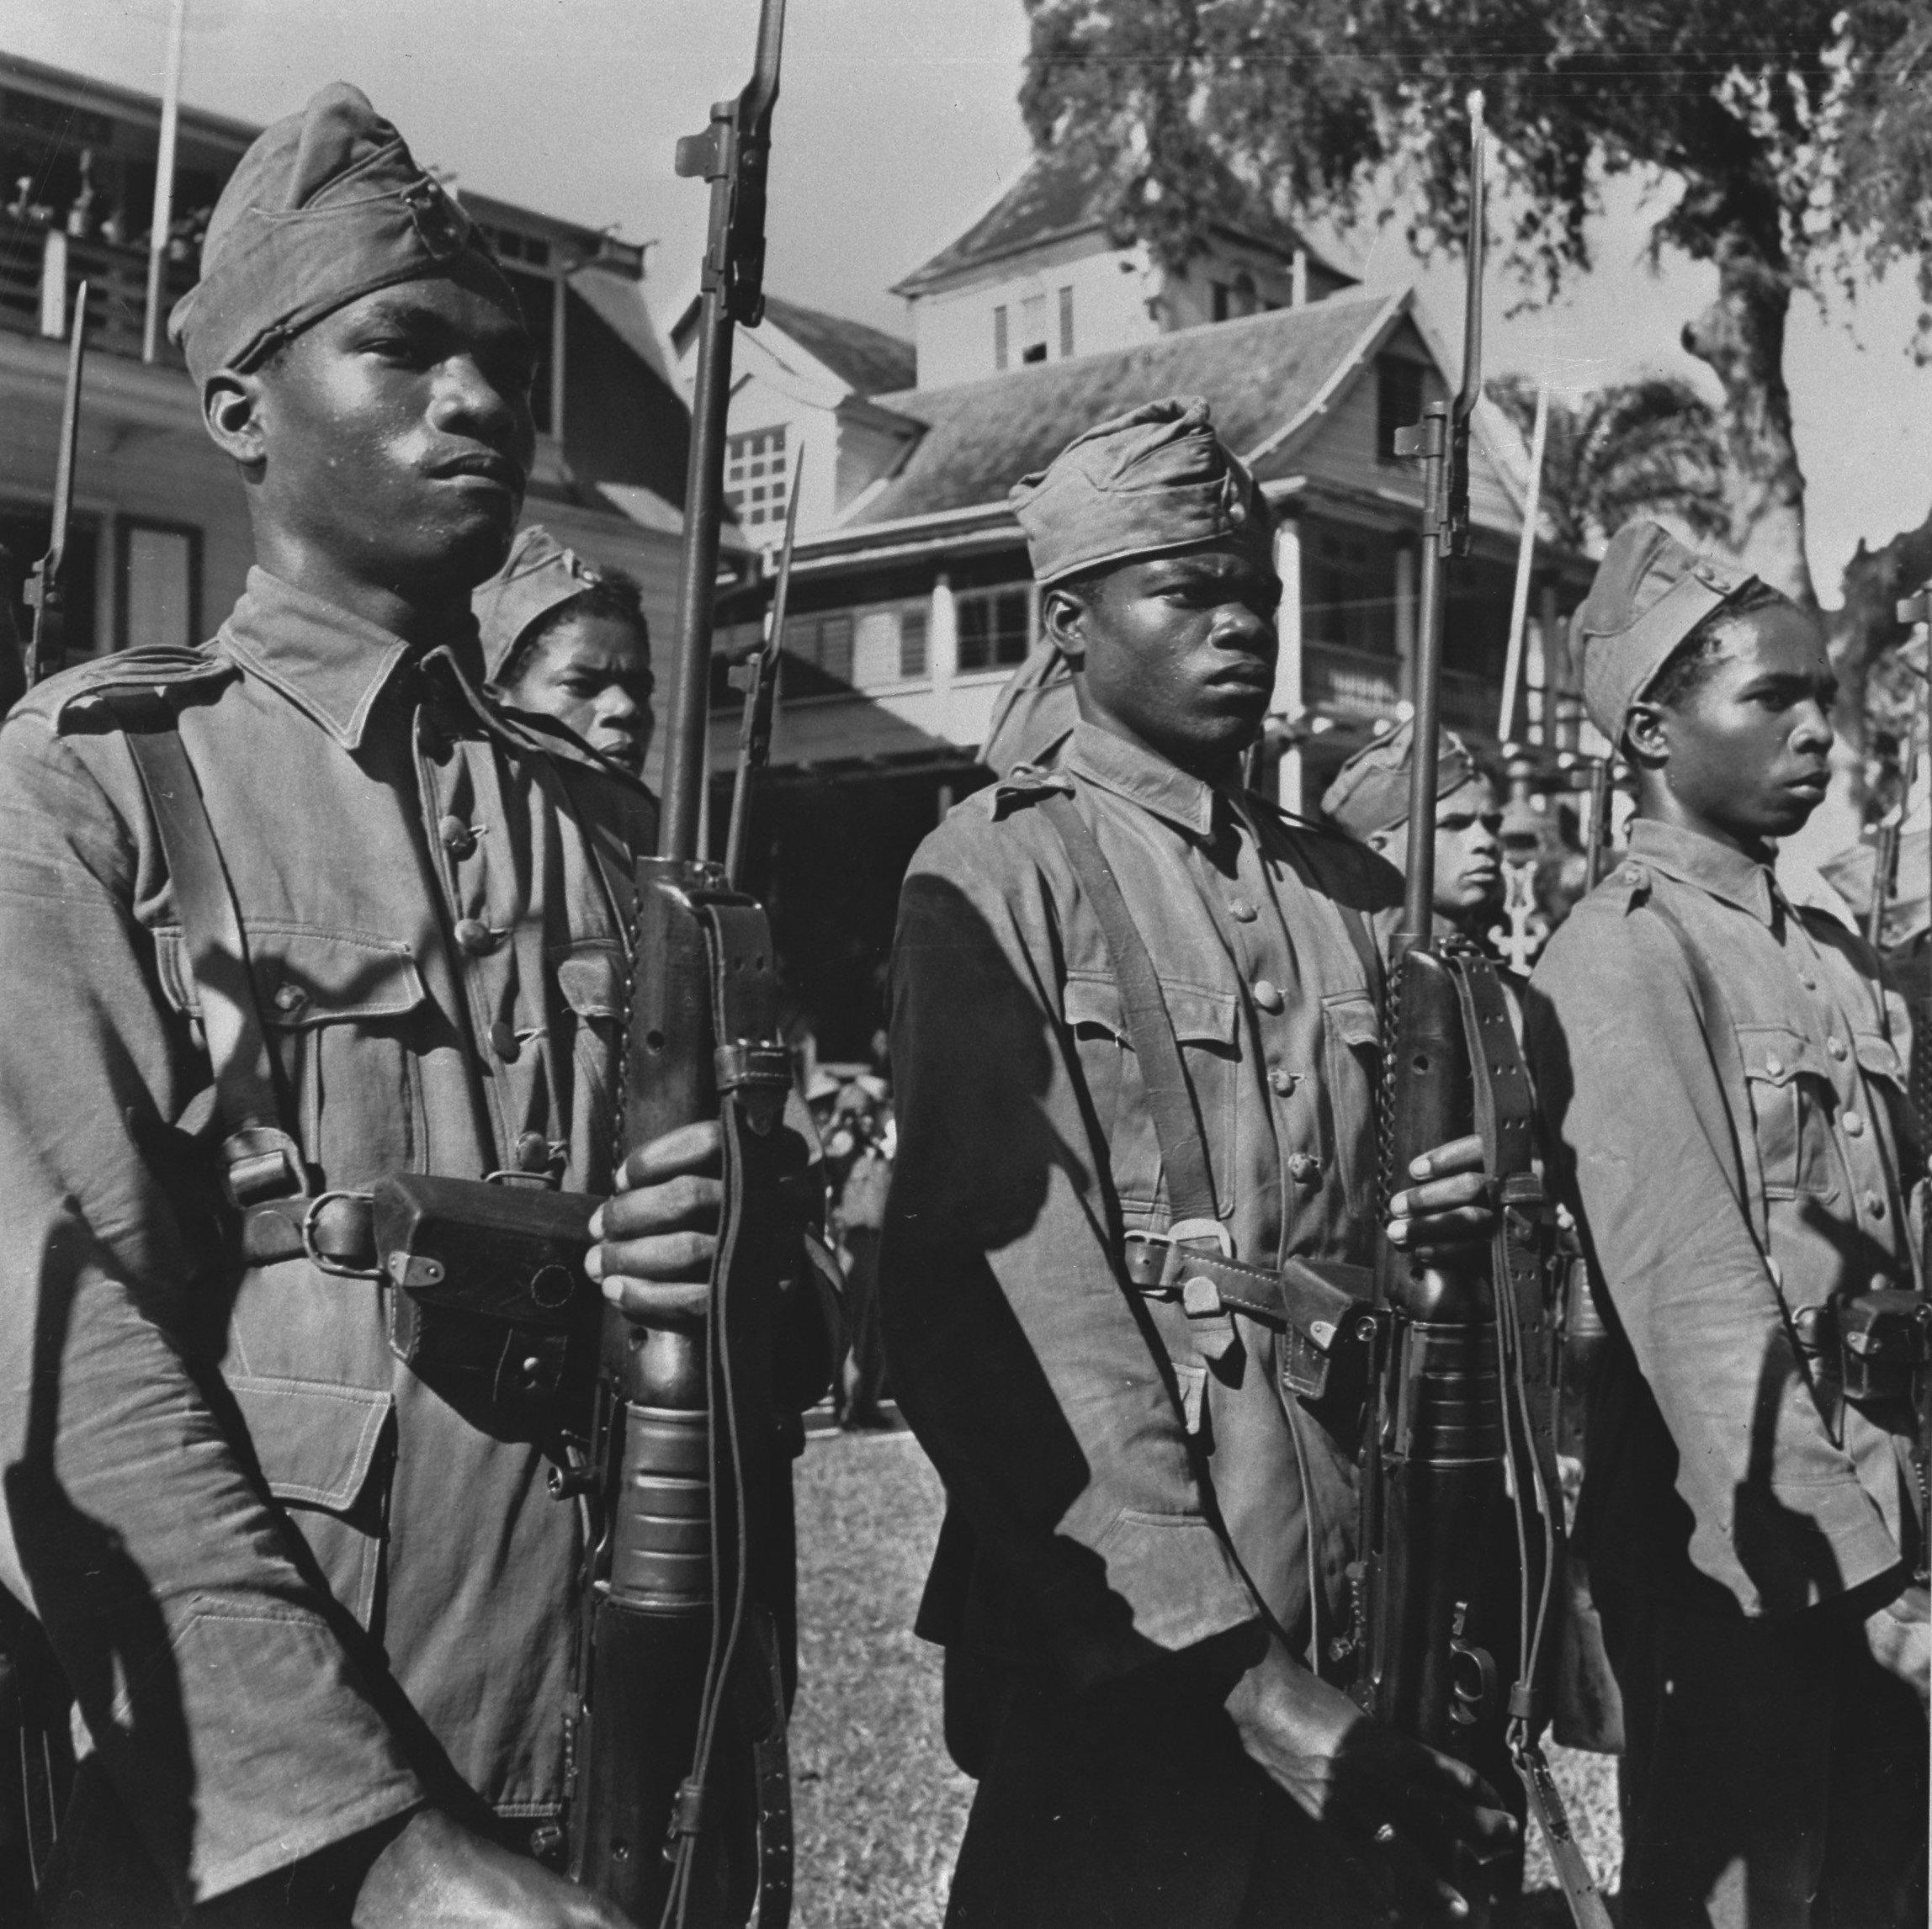 Soldaten van de Surinaamse Schutterij tijdens een bezoek van Prins Bernhard aan Paramaribo in 1942.